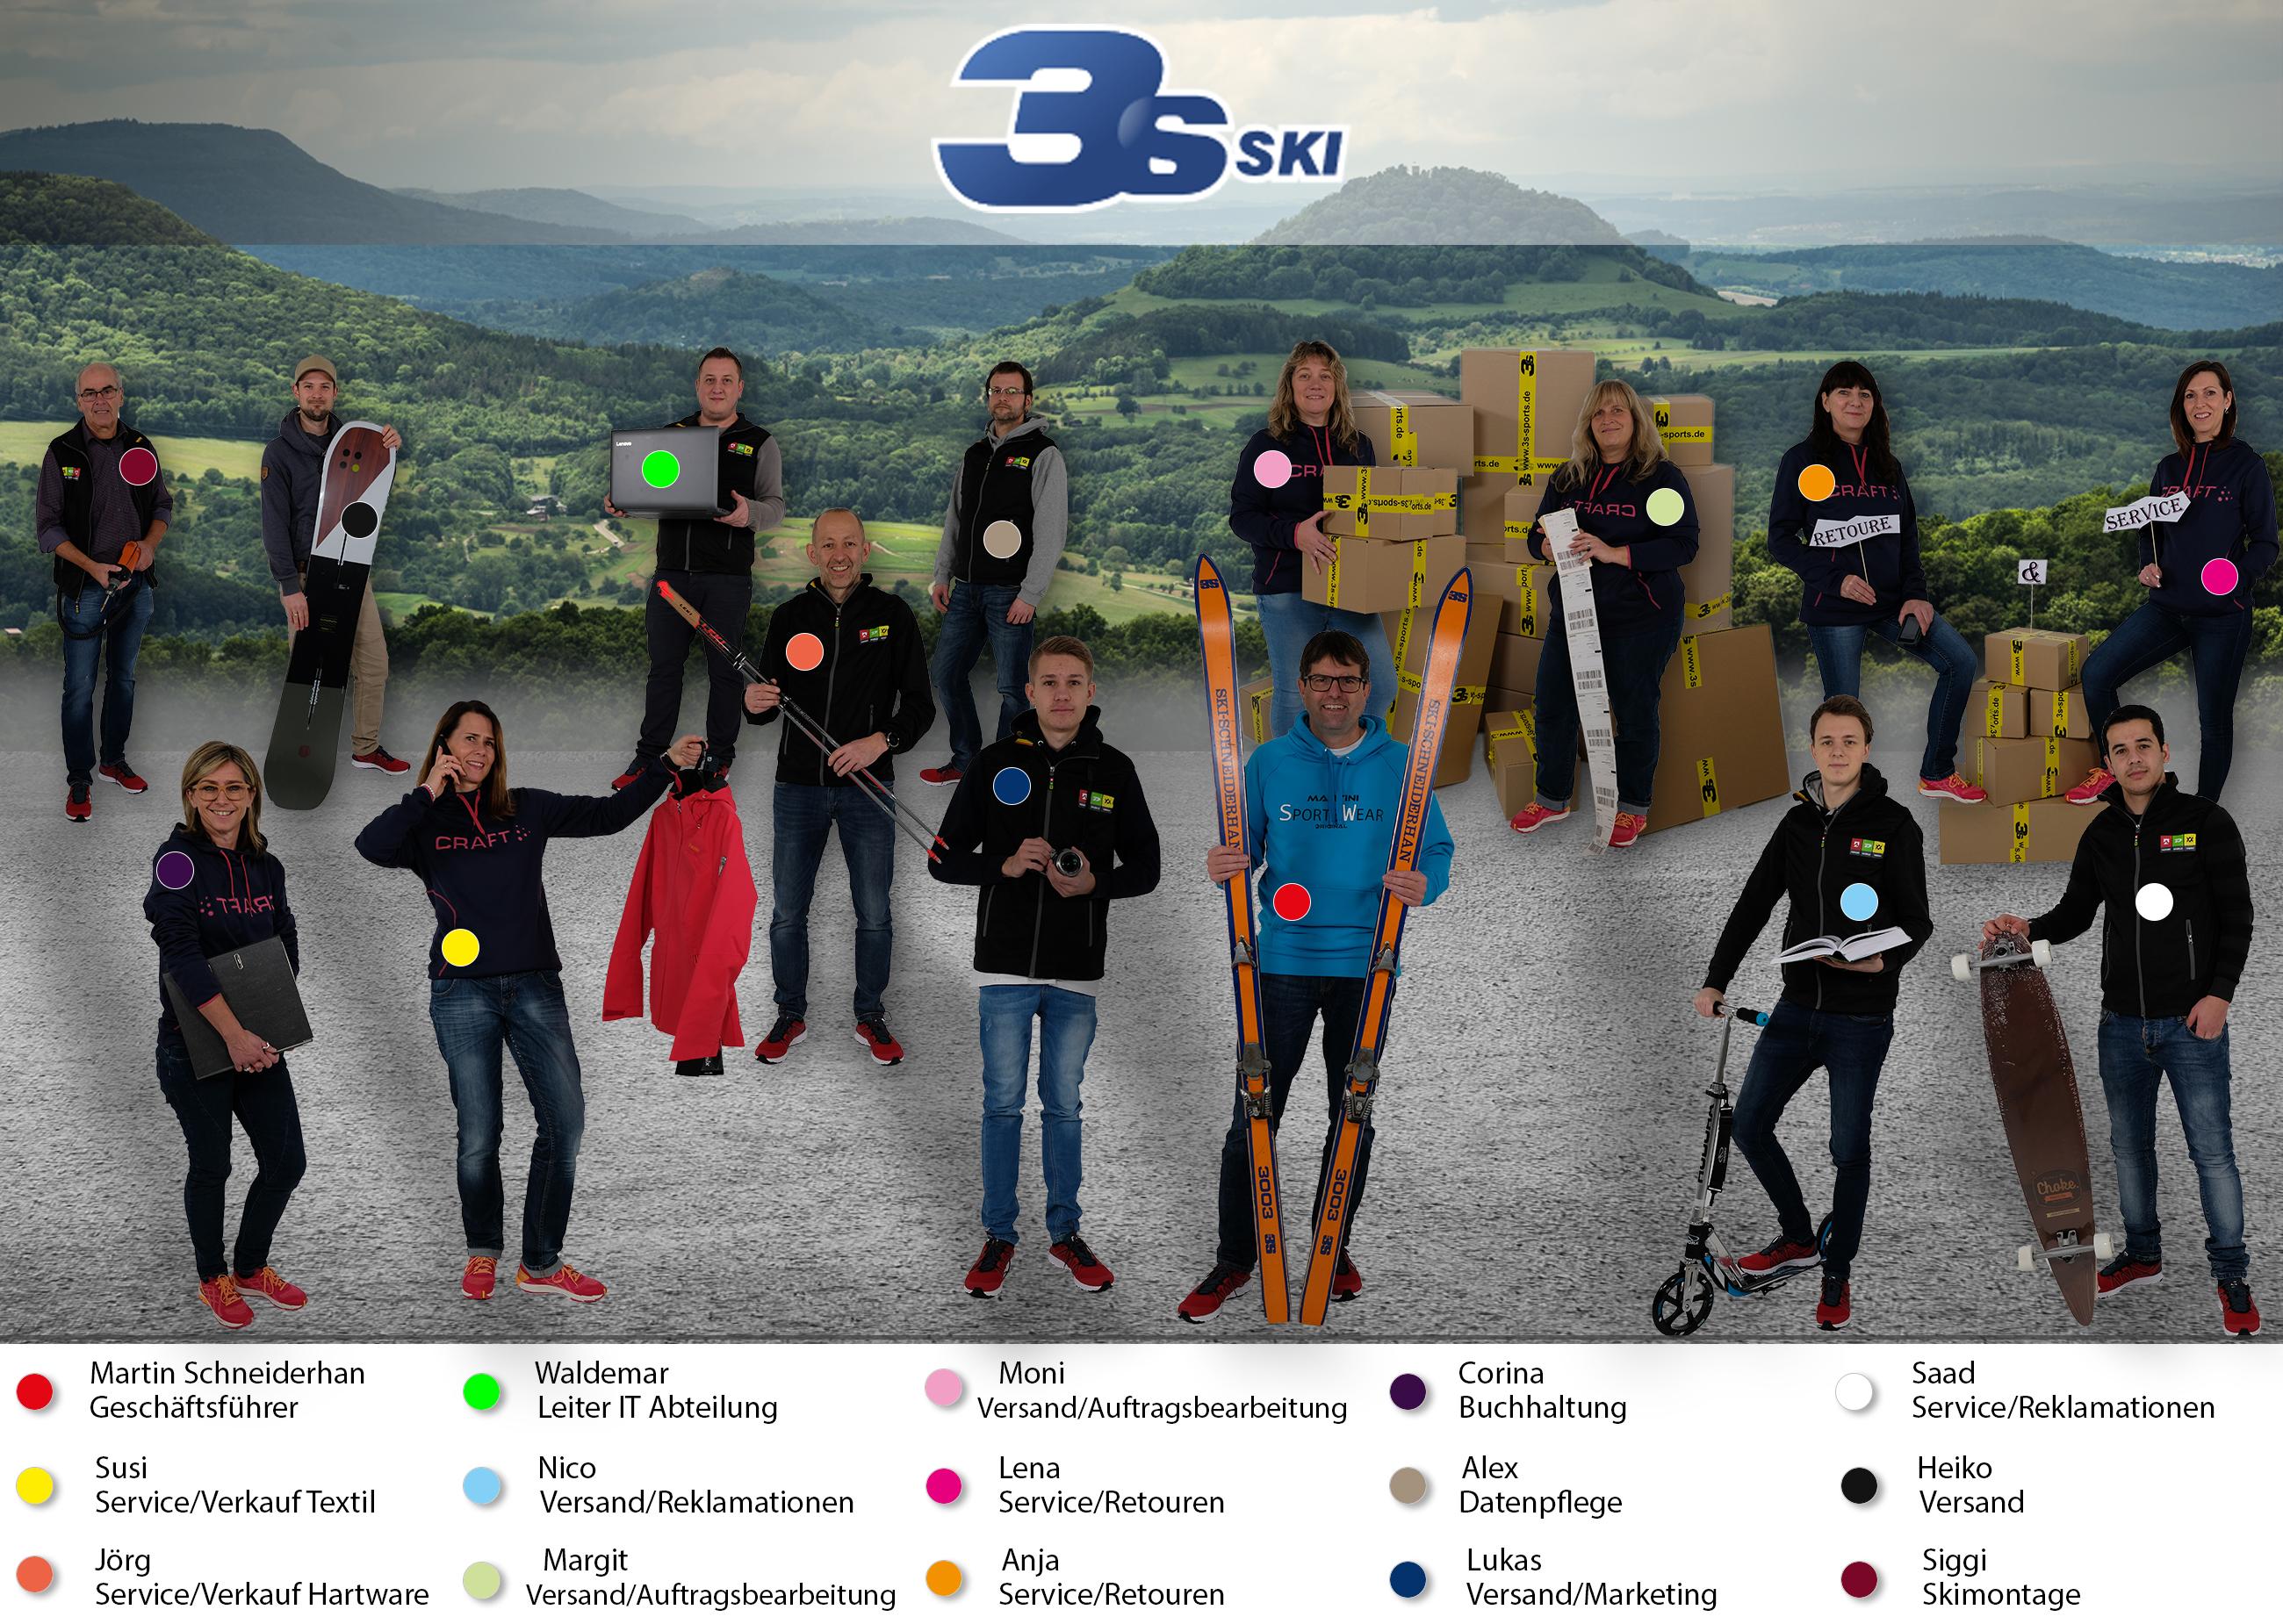 Team 3s-ski.de